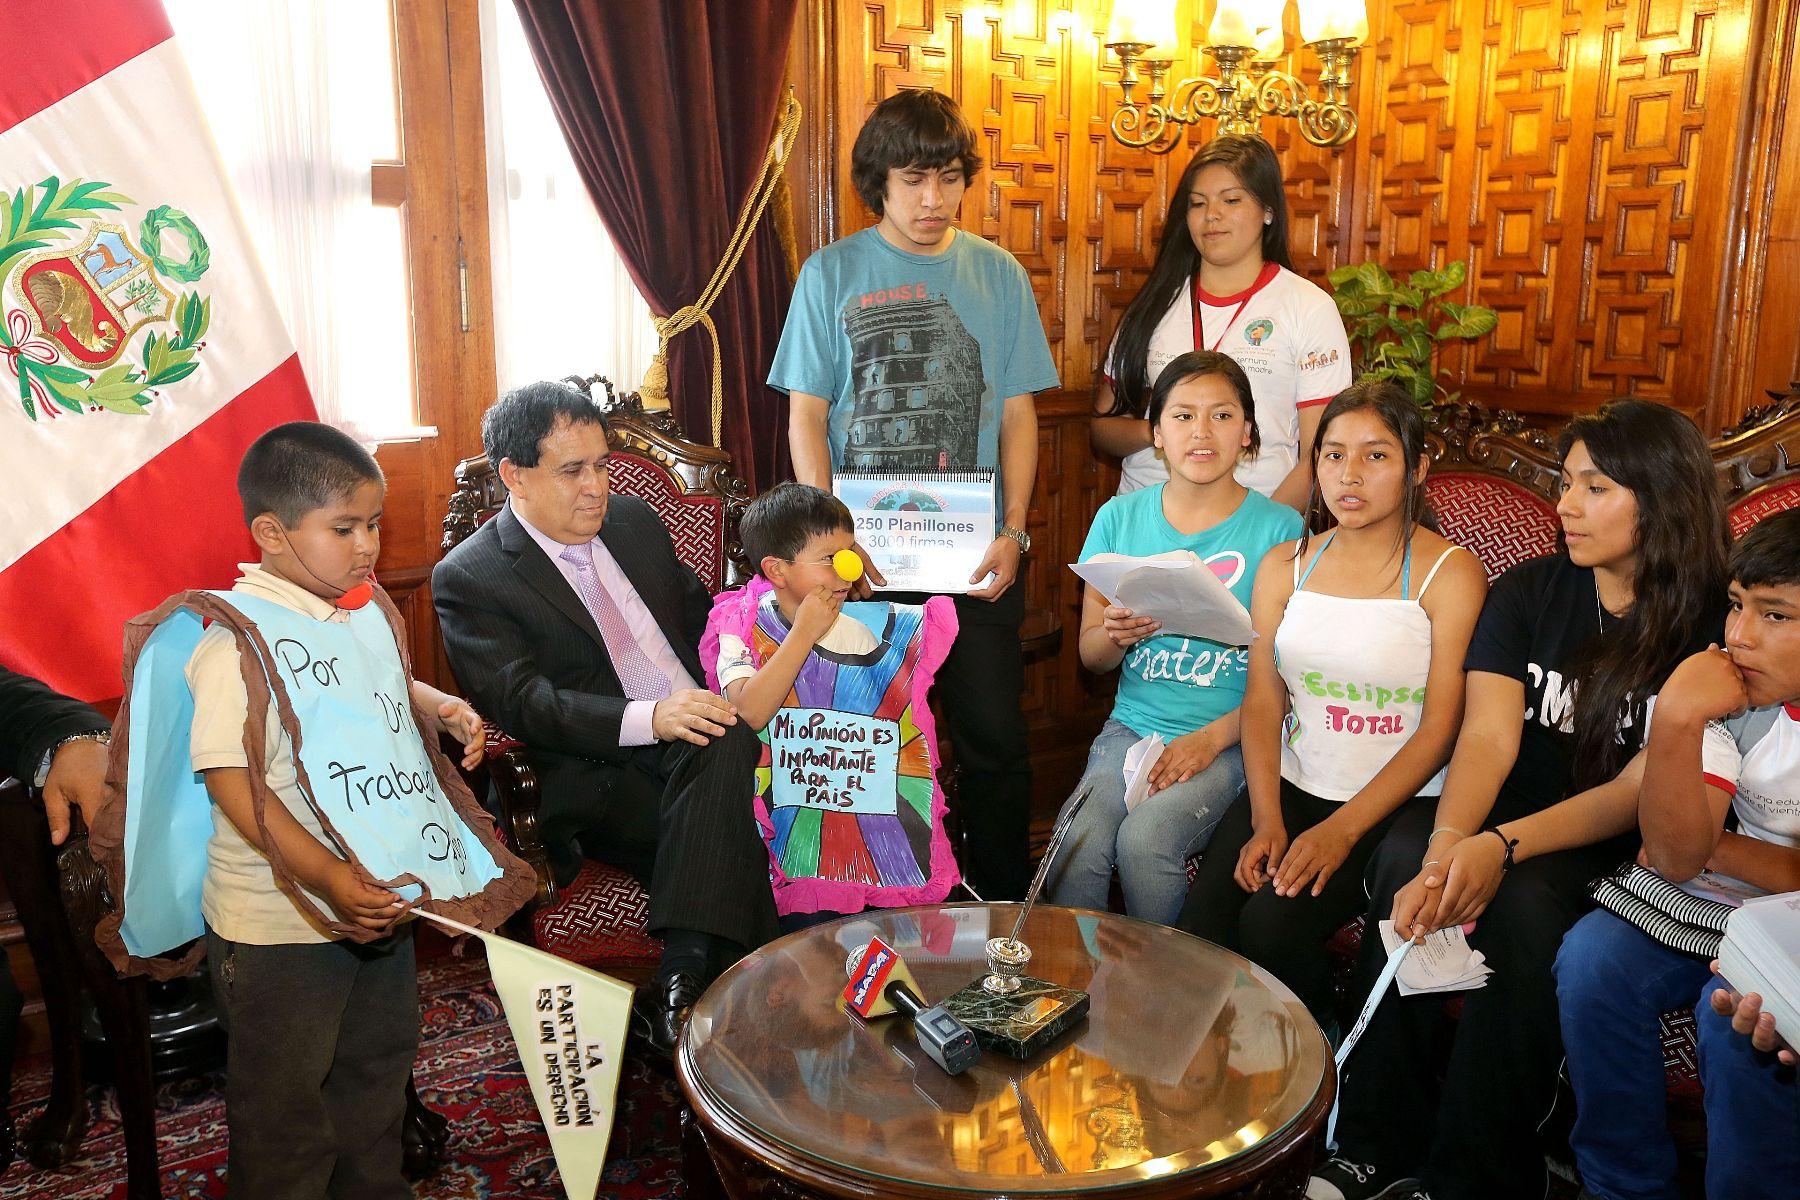 El presidente del Congreso, Fredy Otárola, reafirmó su compromiso de promover políticas a favor de la infancia en Perú, sobre todo para erradicar la violencia en ese sector poblacional. Foto: ANDINA/Difusión.